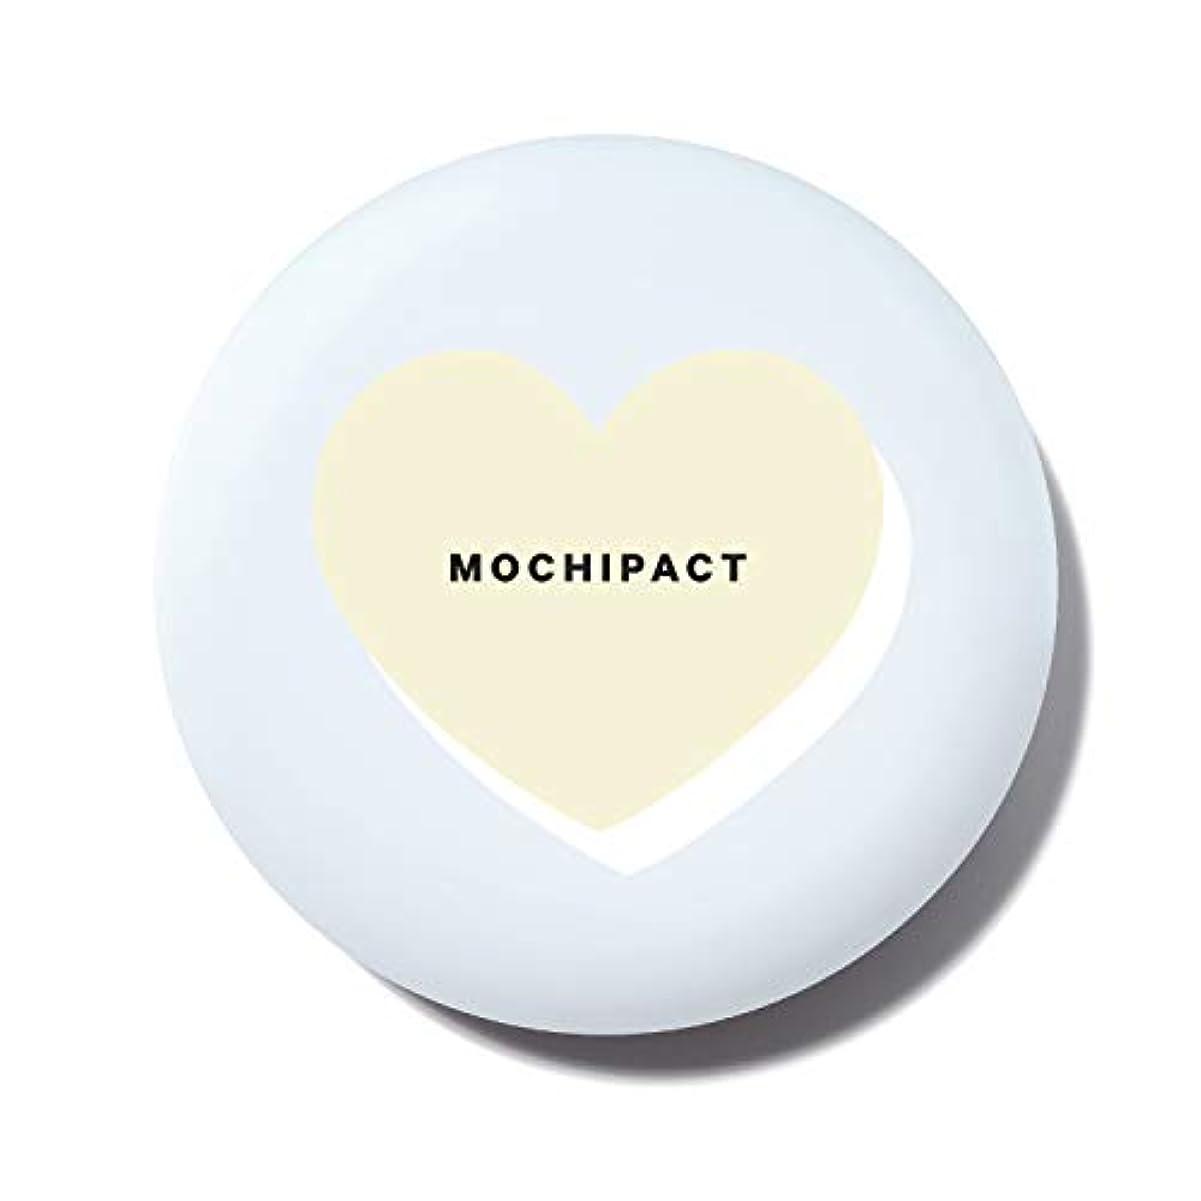 症候群カウンタ返還16brand(シックスティーンブランド) 16MOCHI PACT (モチパクト) ピーチライト (PEACH LIGHT) (9g)